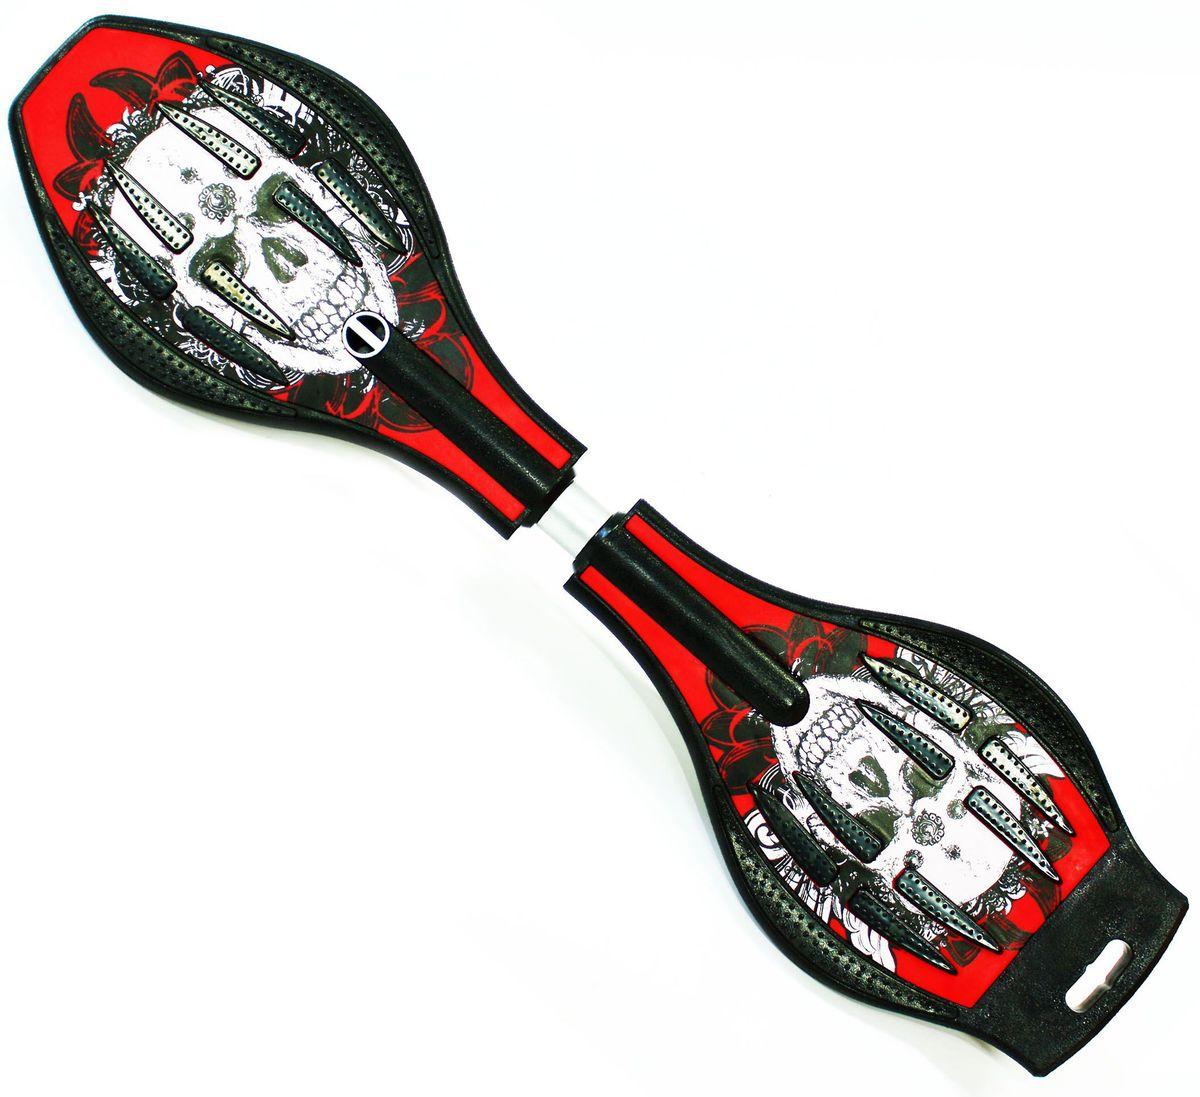 Роллерсерф Dragon Board  Calavera , цвет: красный, черный - Скейтборды и пенни борды